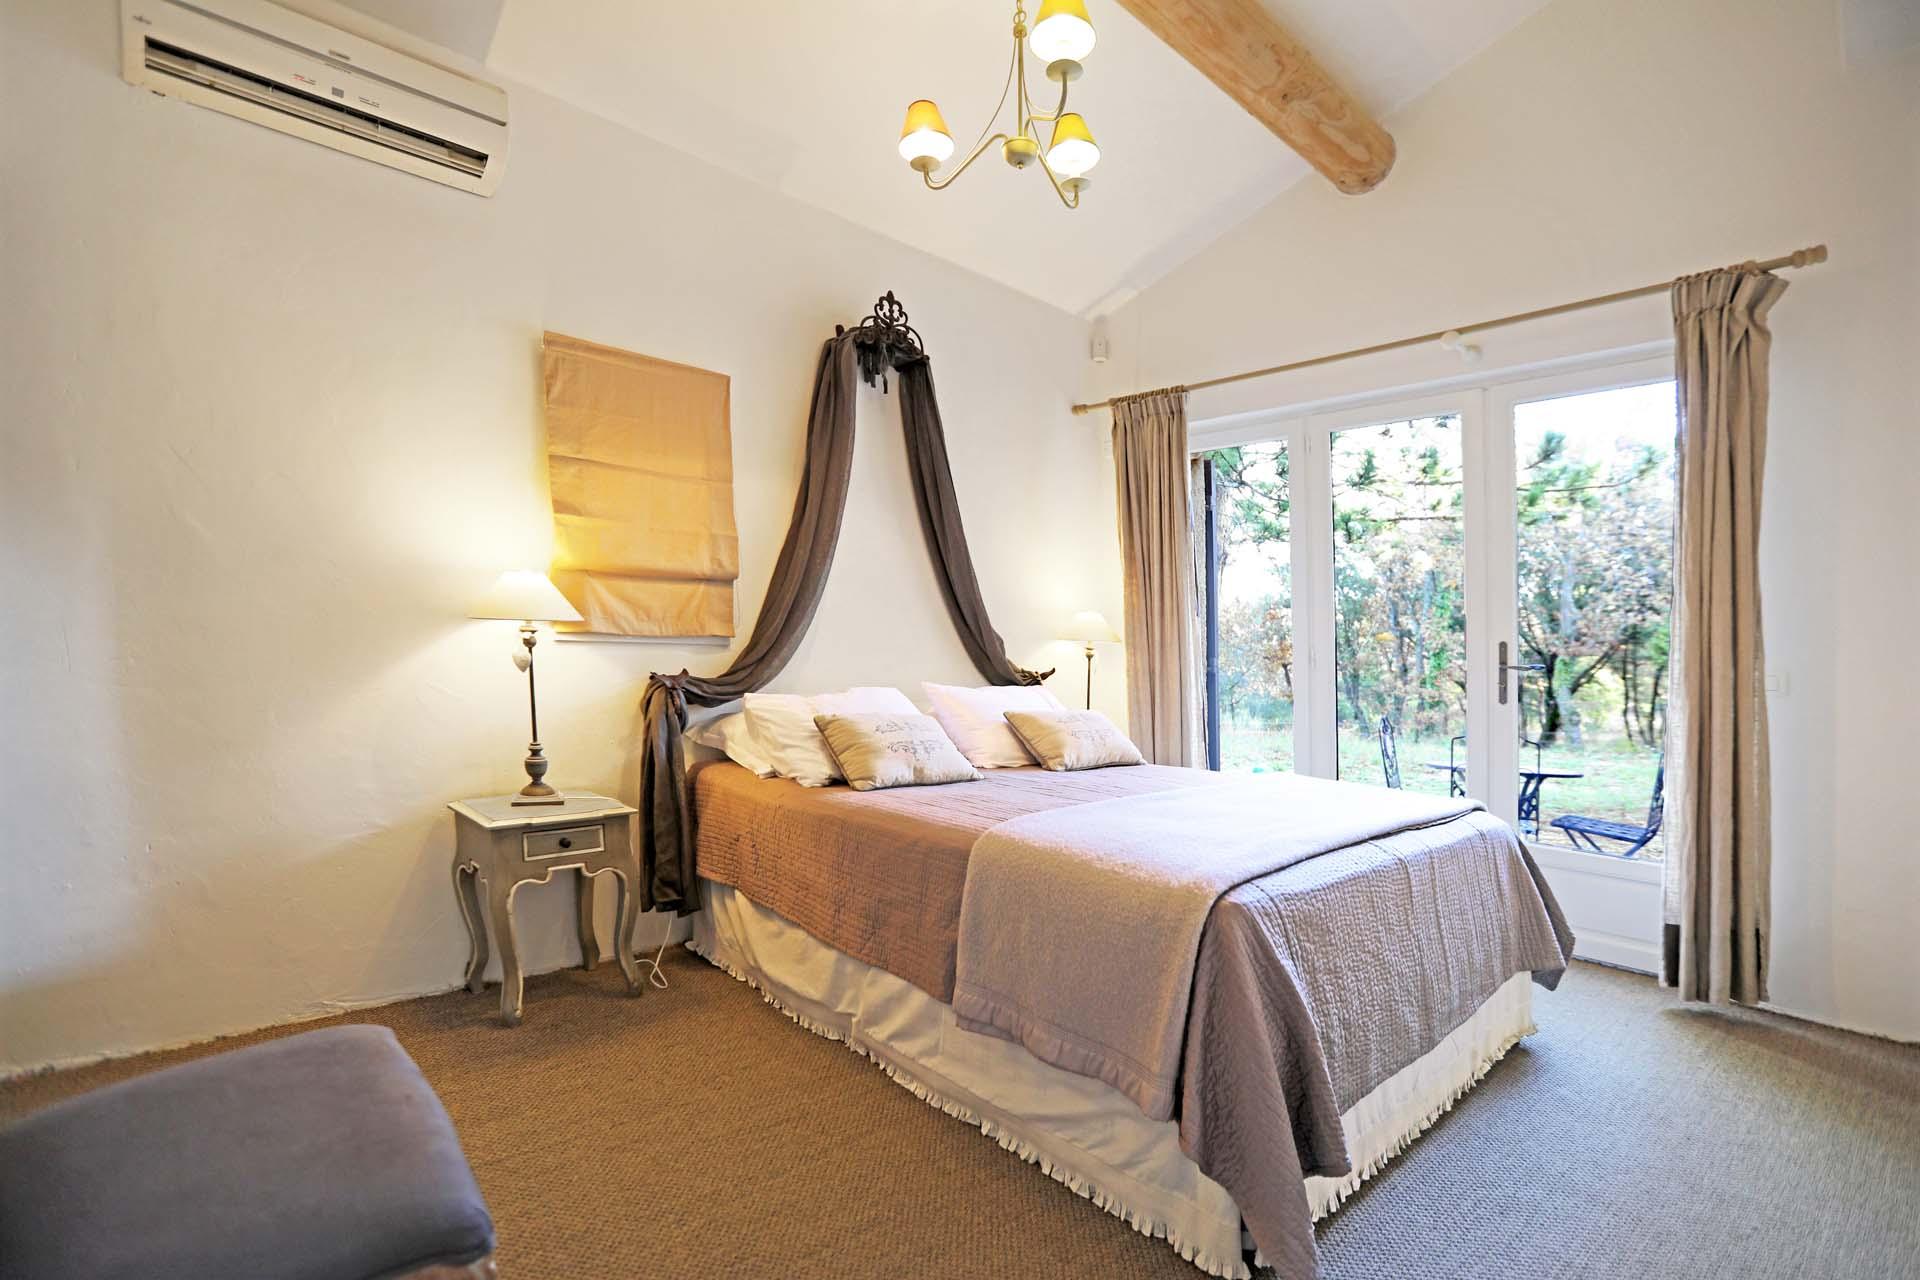 Chambre du bas de cette confortable maison à louer à Murs